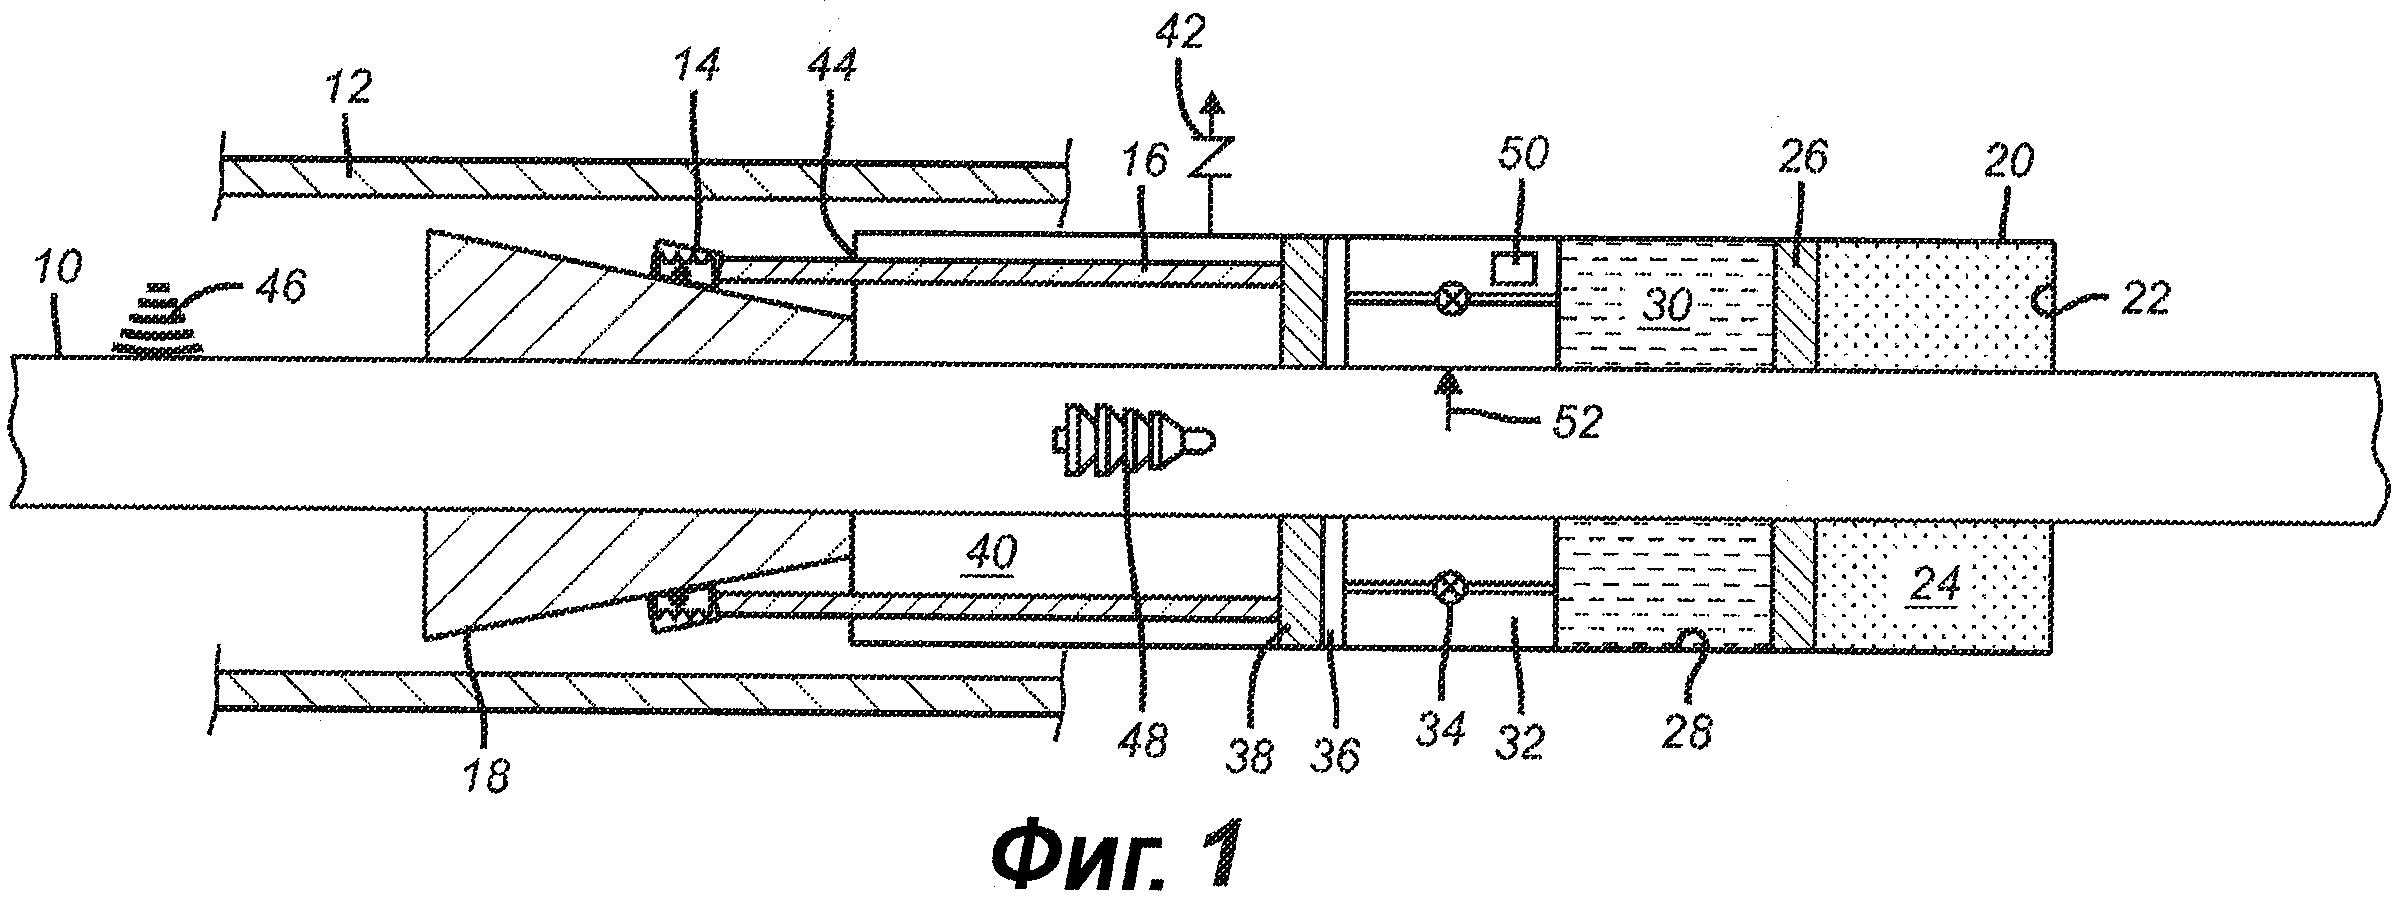 Посадочный инструмент, приводимый в действие с помощью потенциальной энергии и установленный в межтрубном пространстве